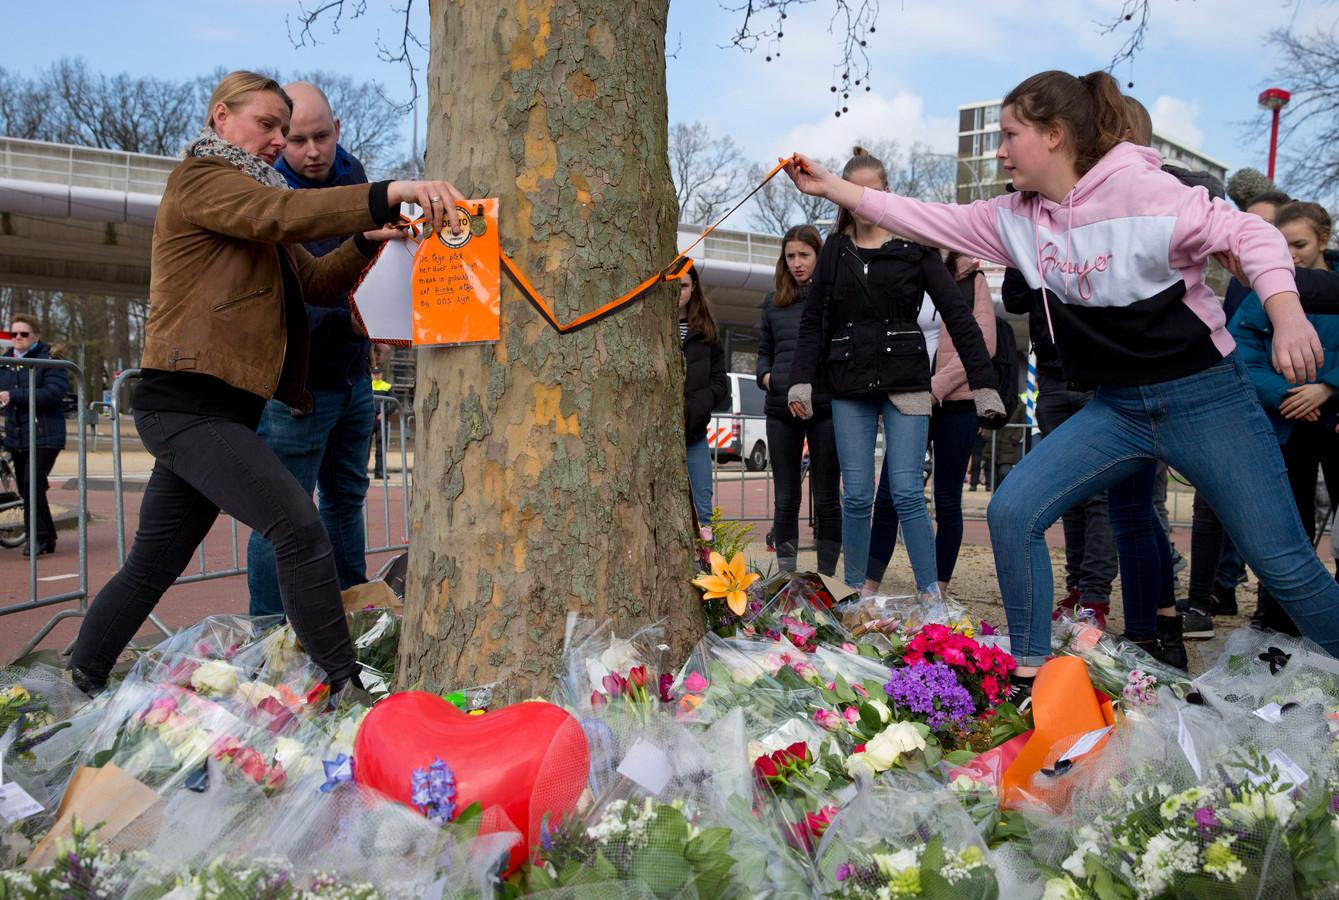 Mooie woorden worden voor de doodgeschoten Rinke Terpstra op een boom in Utrecht bevestigd. 'Het doet zo'n pijn, maar Rinke zal altijd in onze gedachten zijn.'